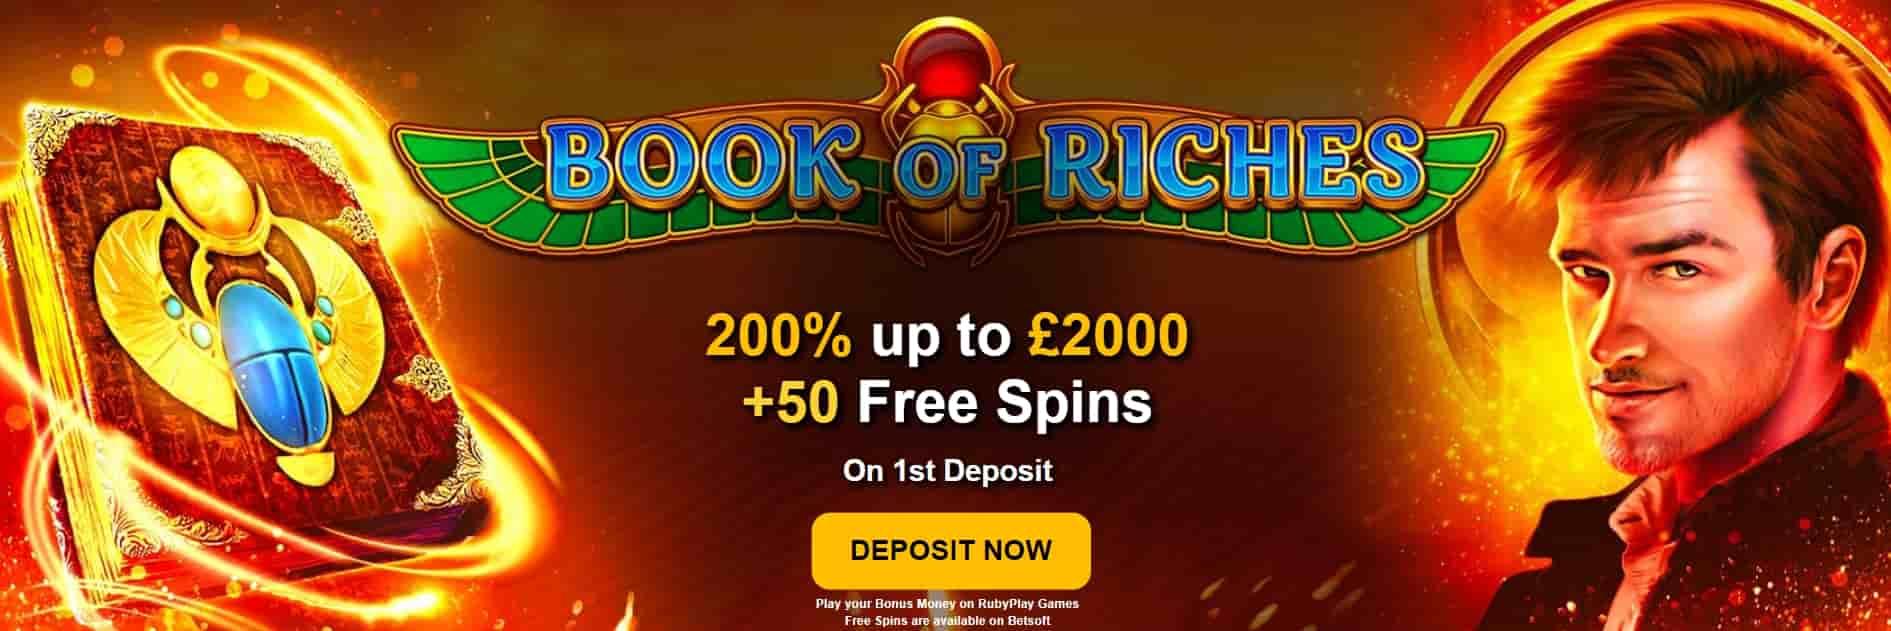 gratis free spins ved registrering